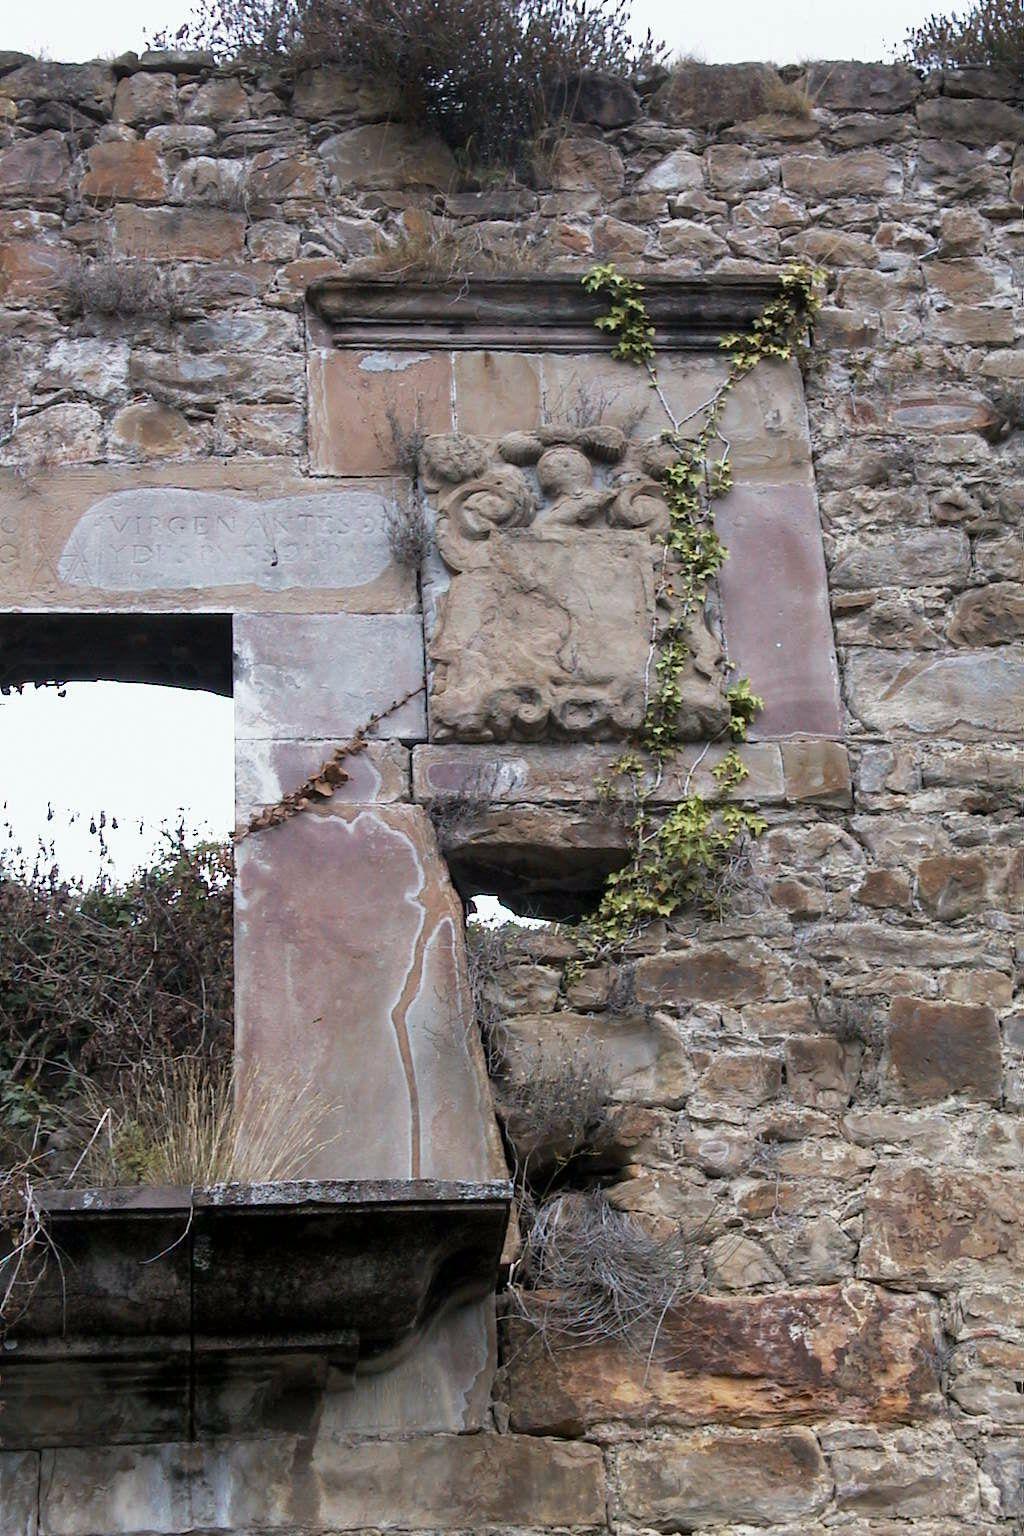 Cerévanes. Concejo de Peñamellera Baja. Principado de Asturias. Spain. [By Valentín Enrique].